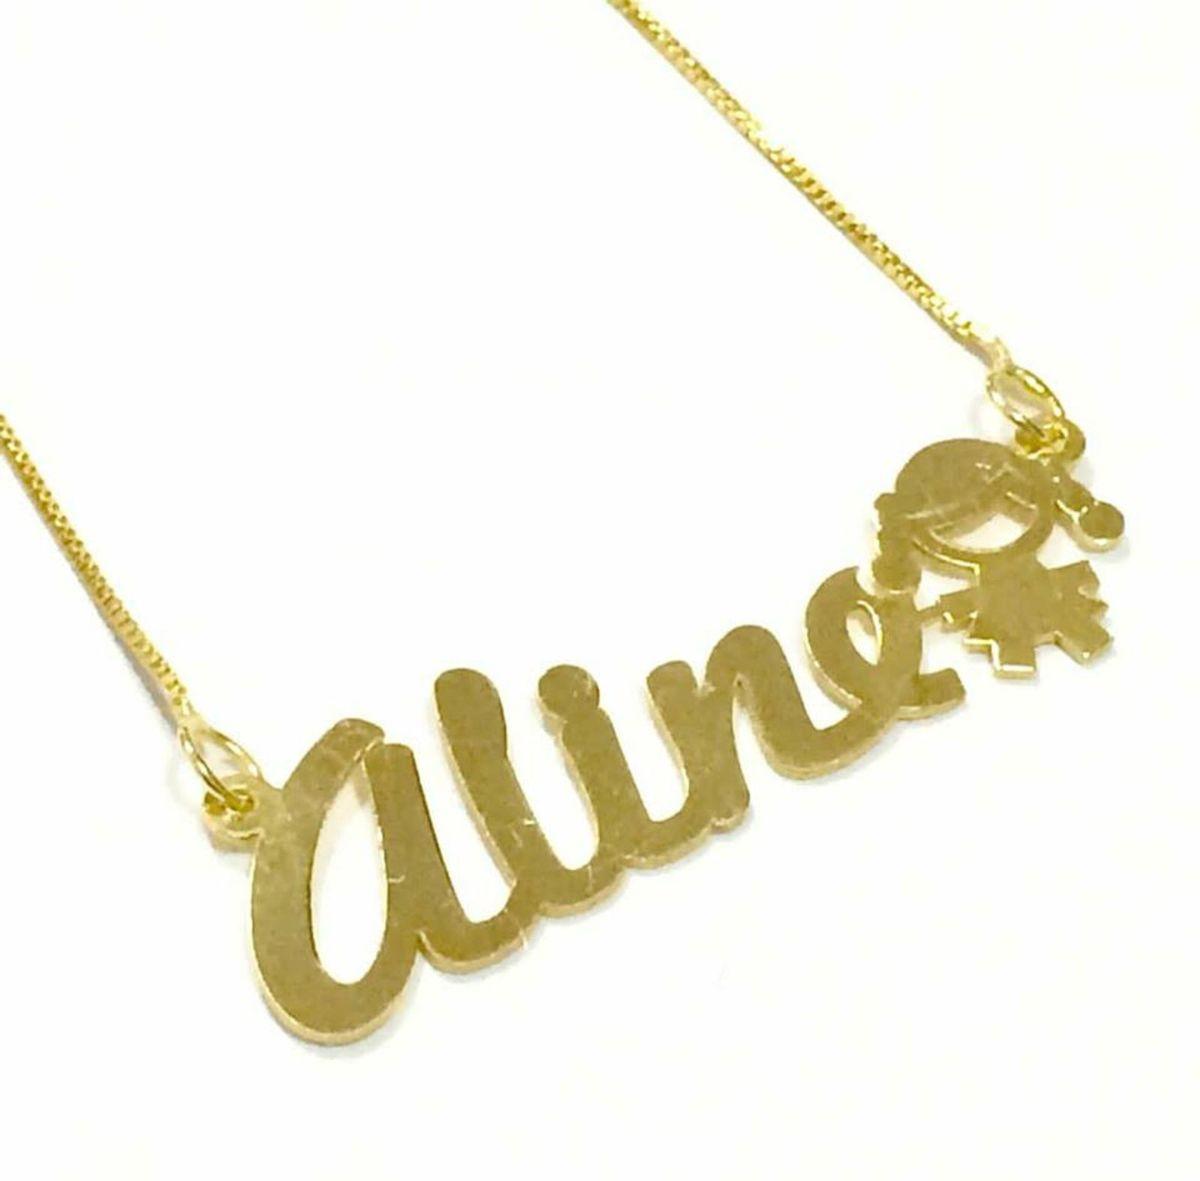 acb27da14f0f7 corrente + pingente nome personalizado ouro 18k. - jóias ametista